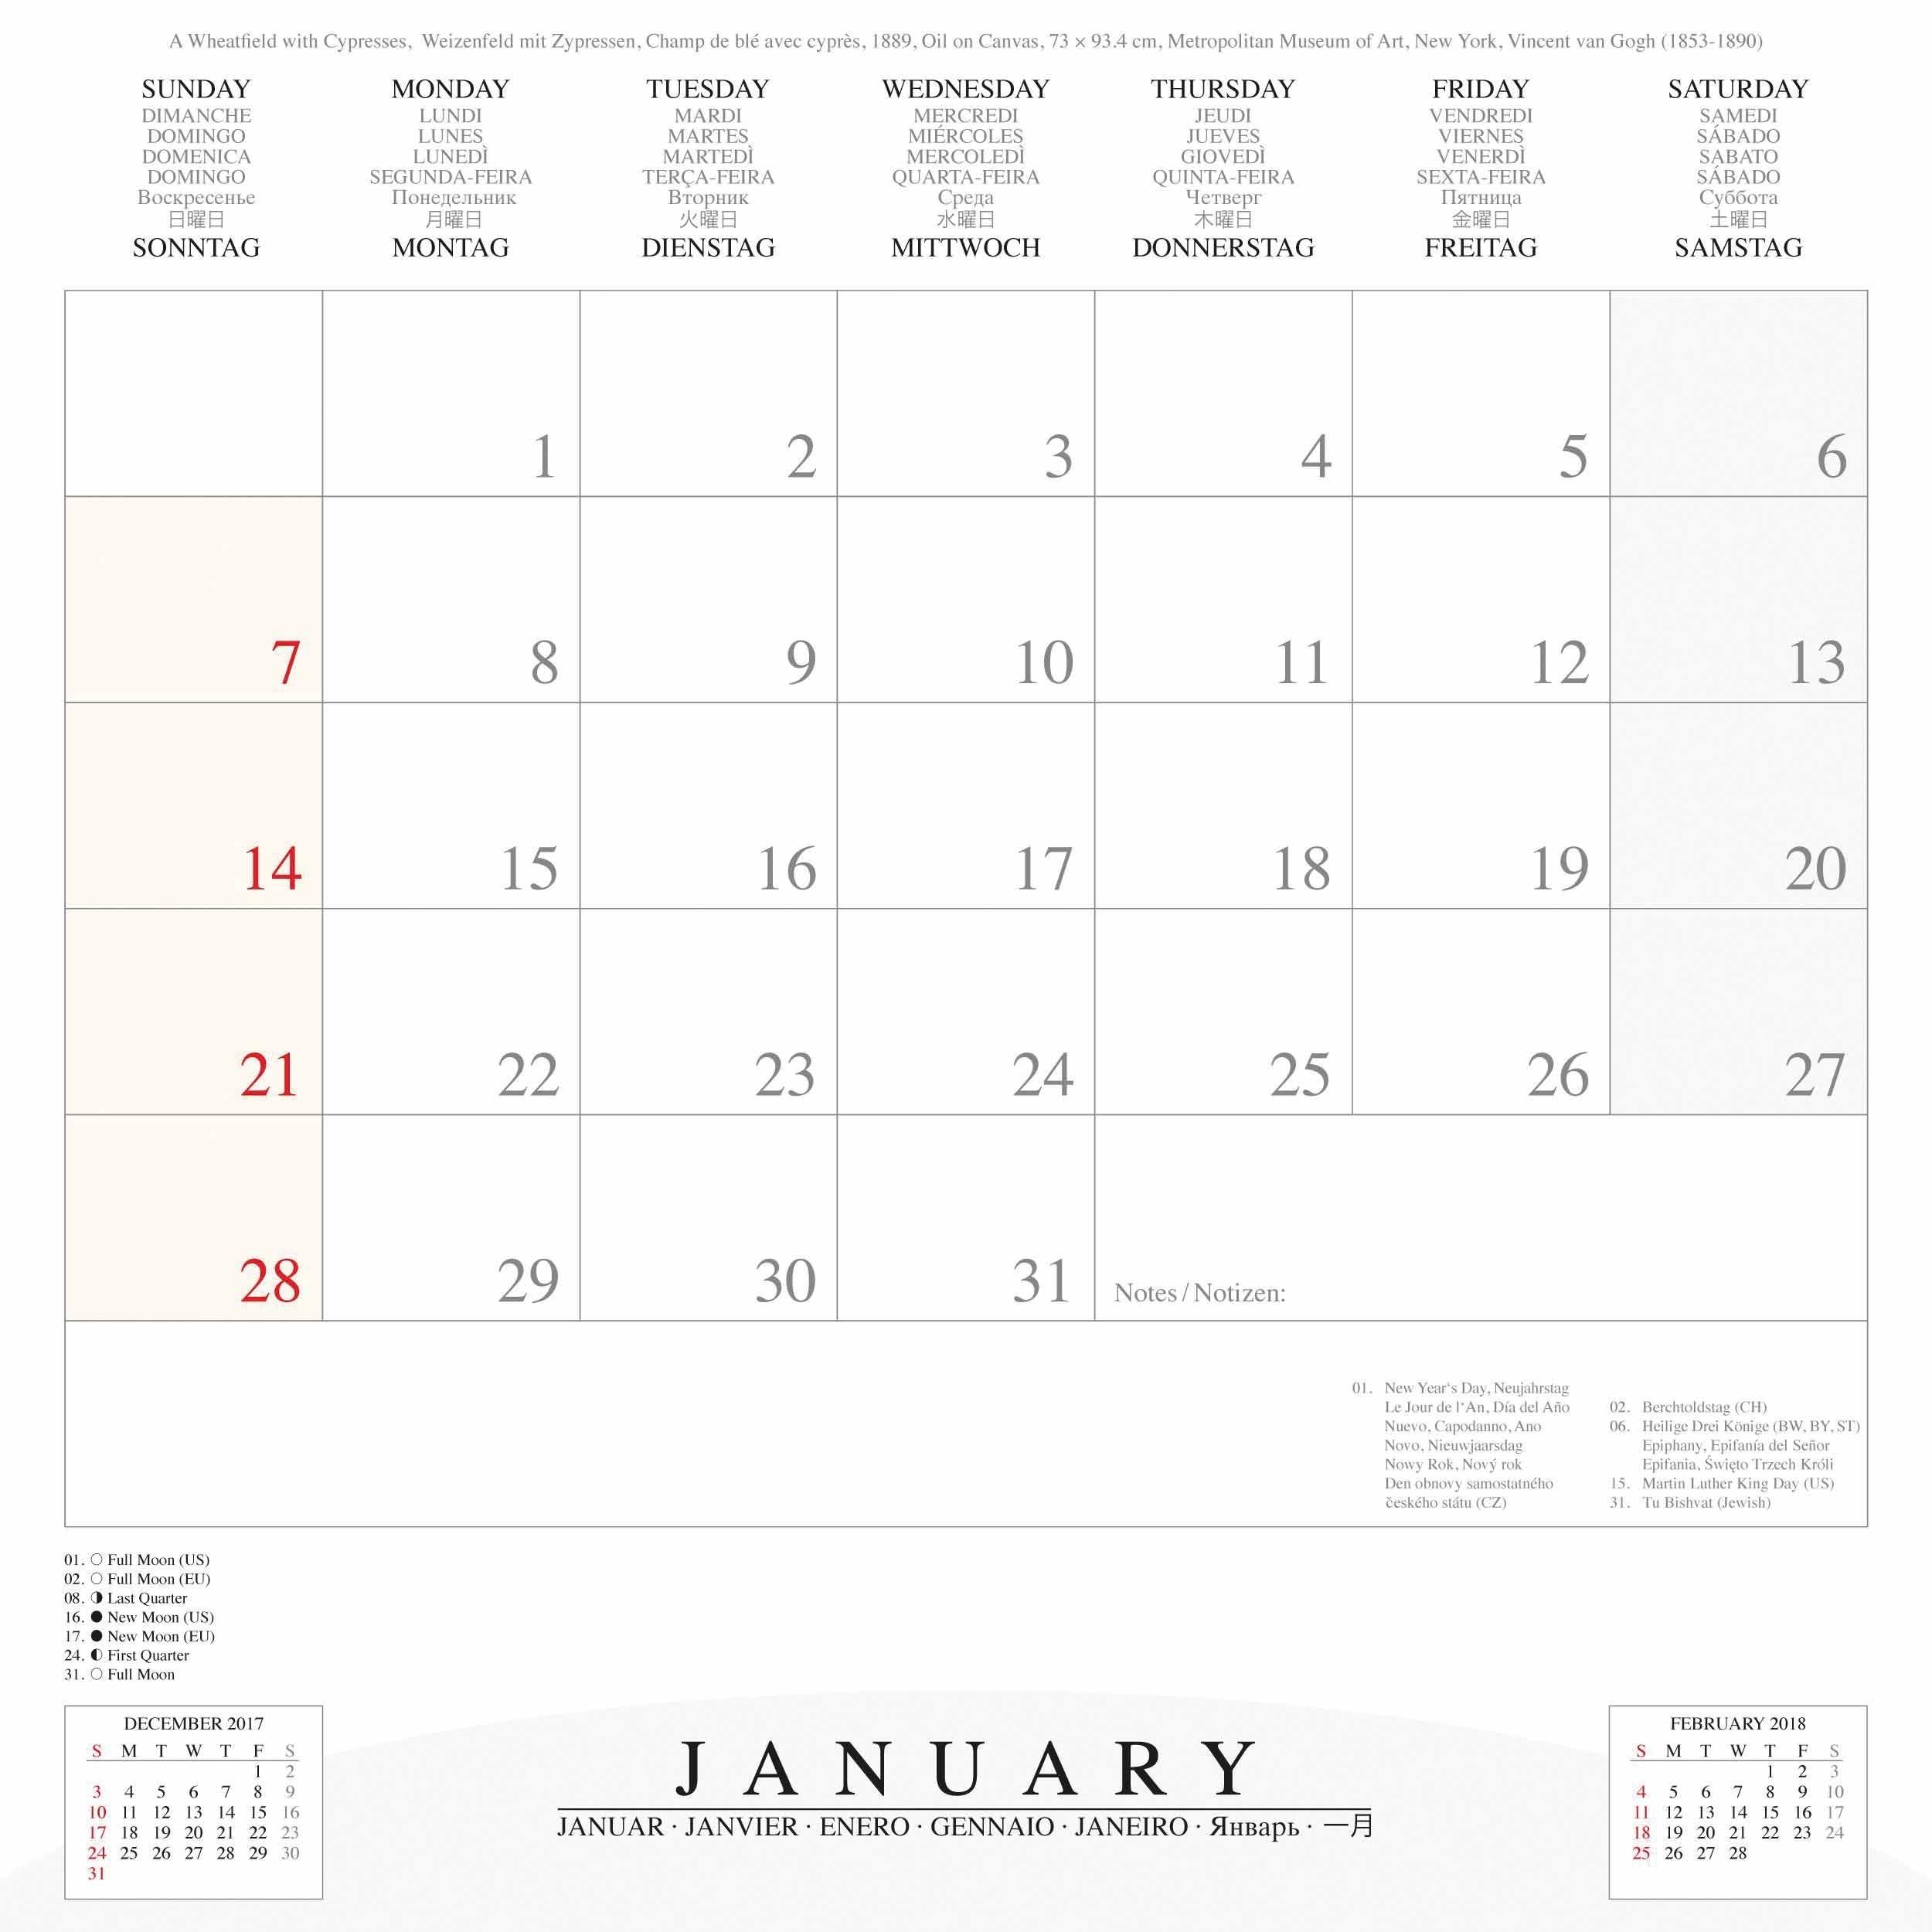 1889 Calendar Uk | Qualads